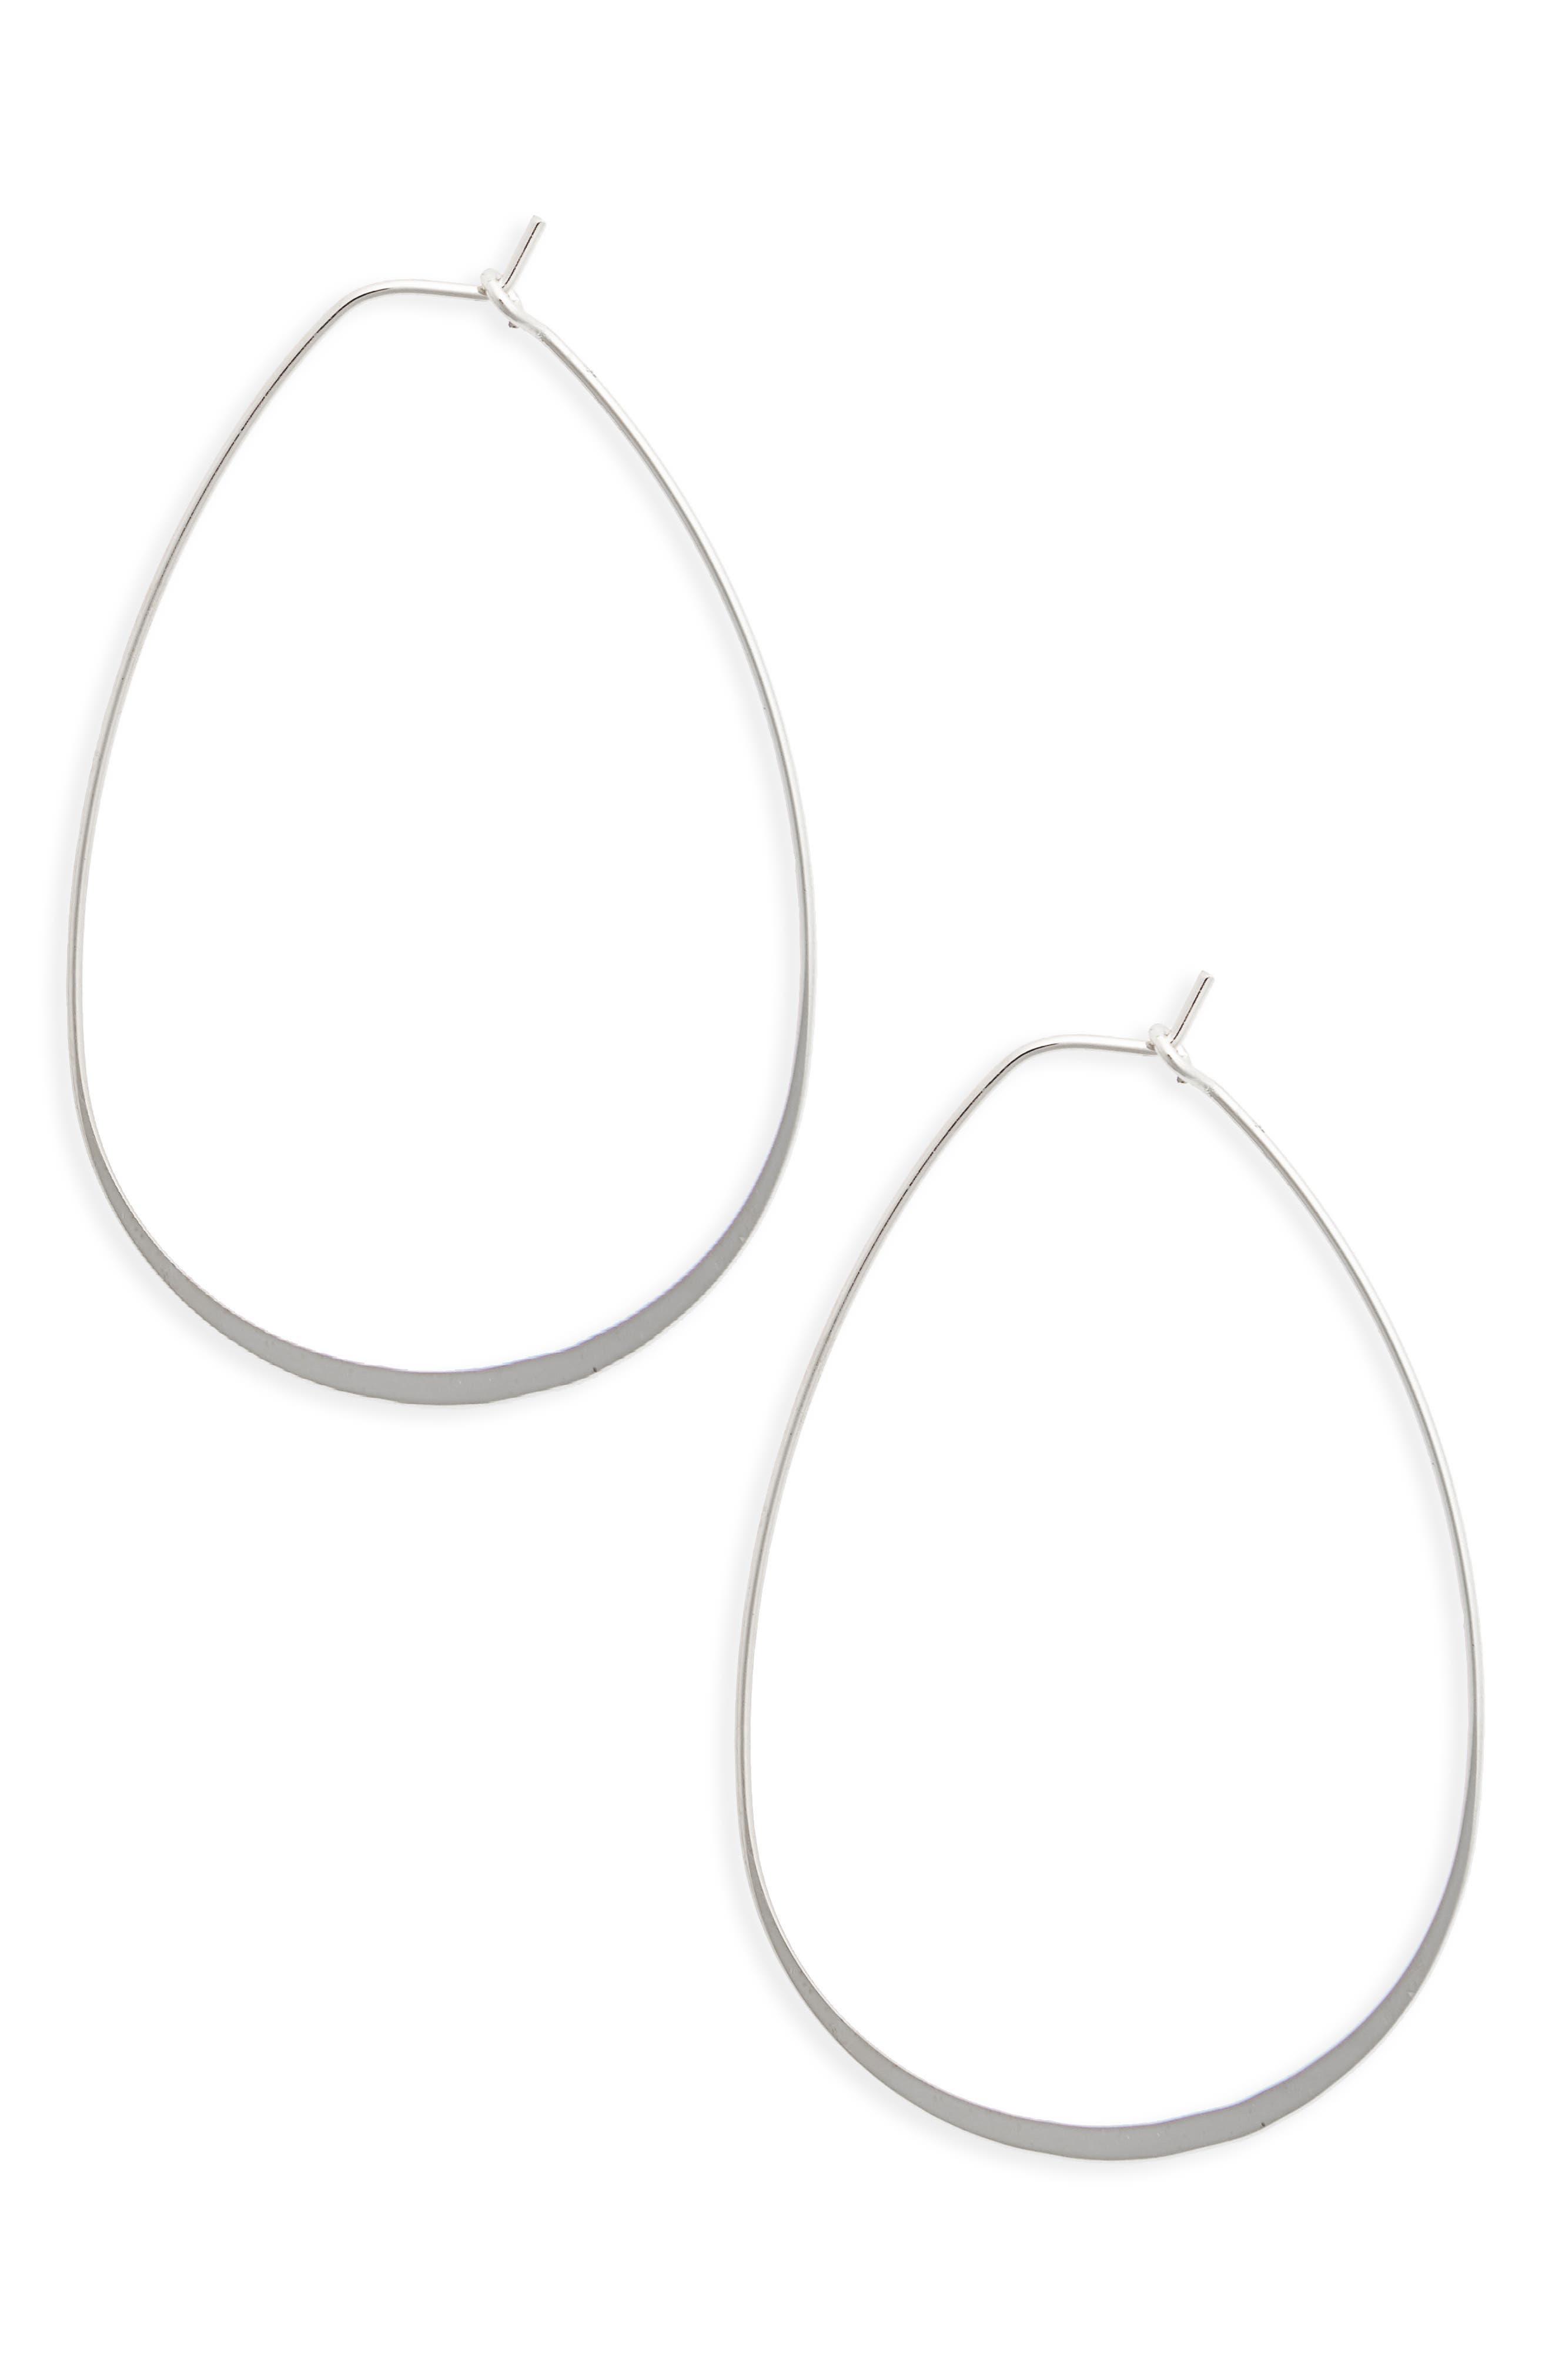 Flat Oval Hoop Earrings,                             Main thumbnail 1, color,                             Silver